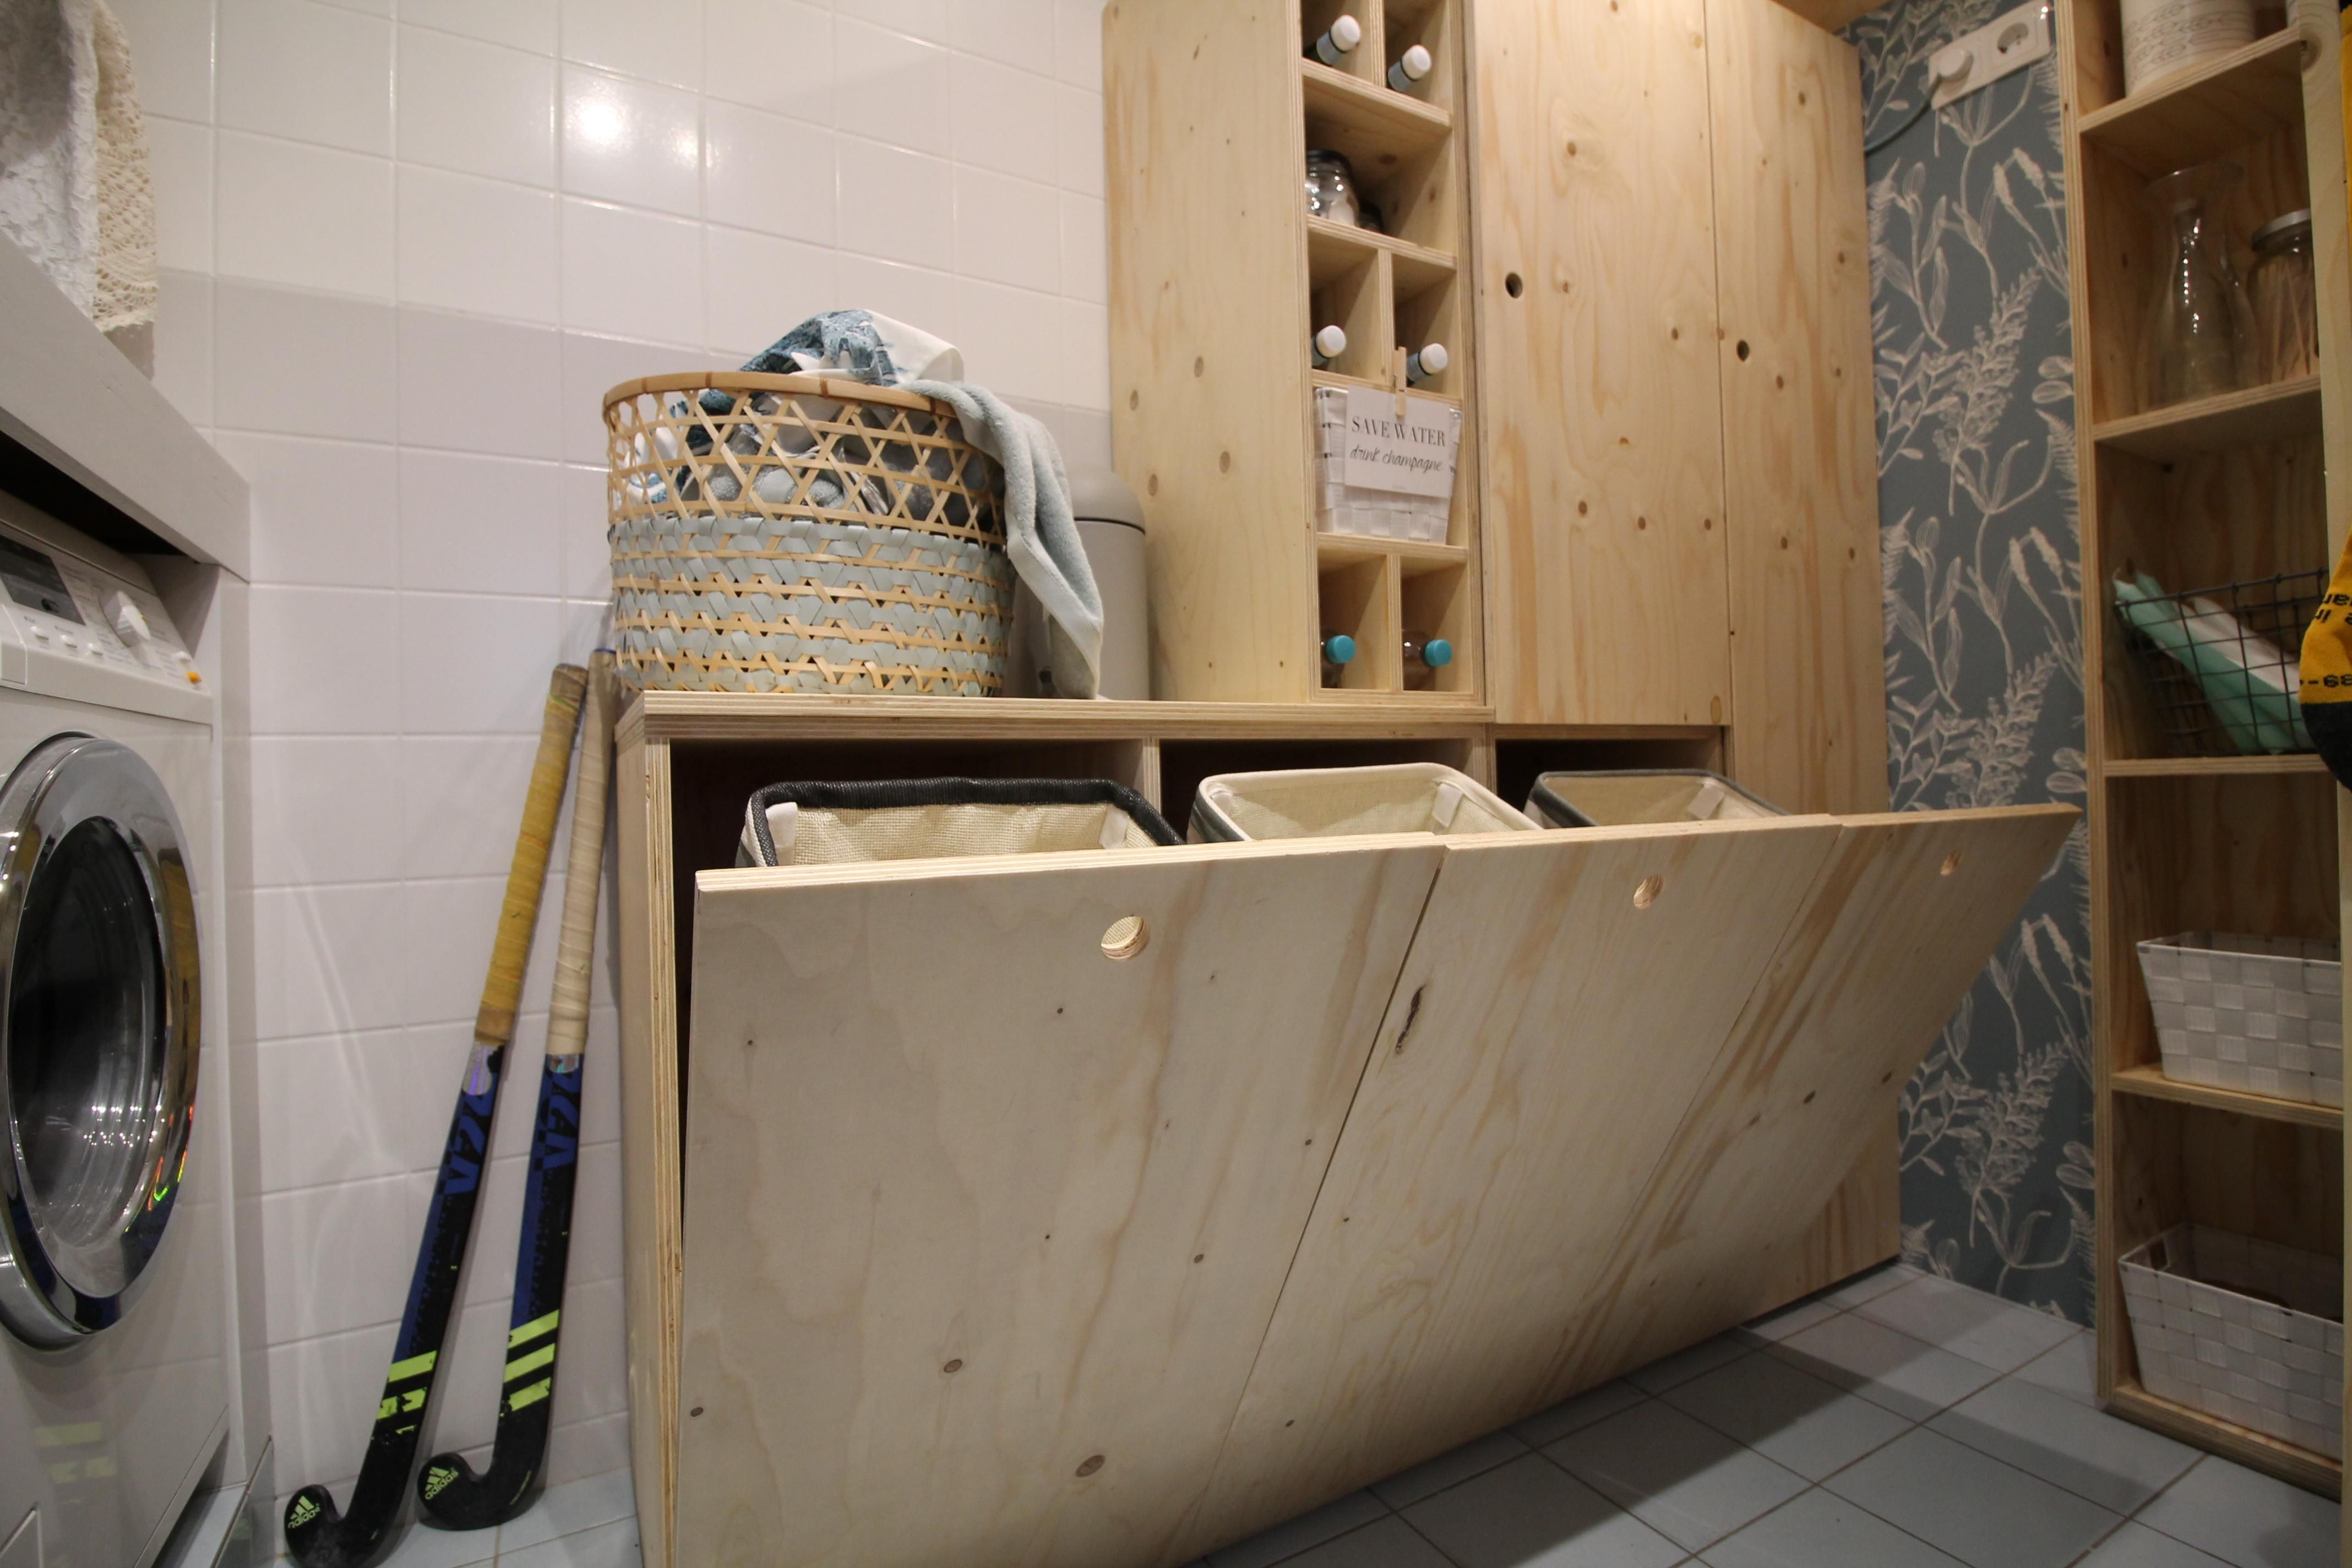 10x Diy Leer : Je gooit er stapels was in de hoek bewaart er je schoonmaakspullen